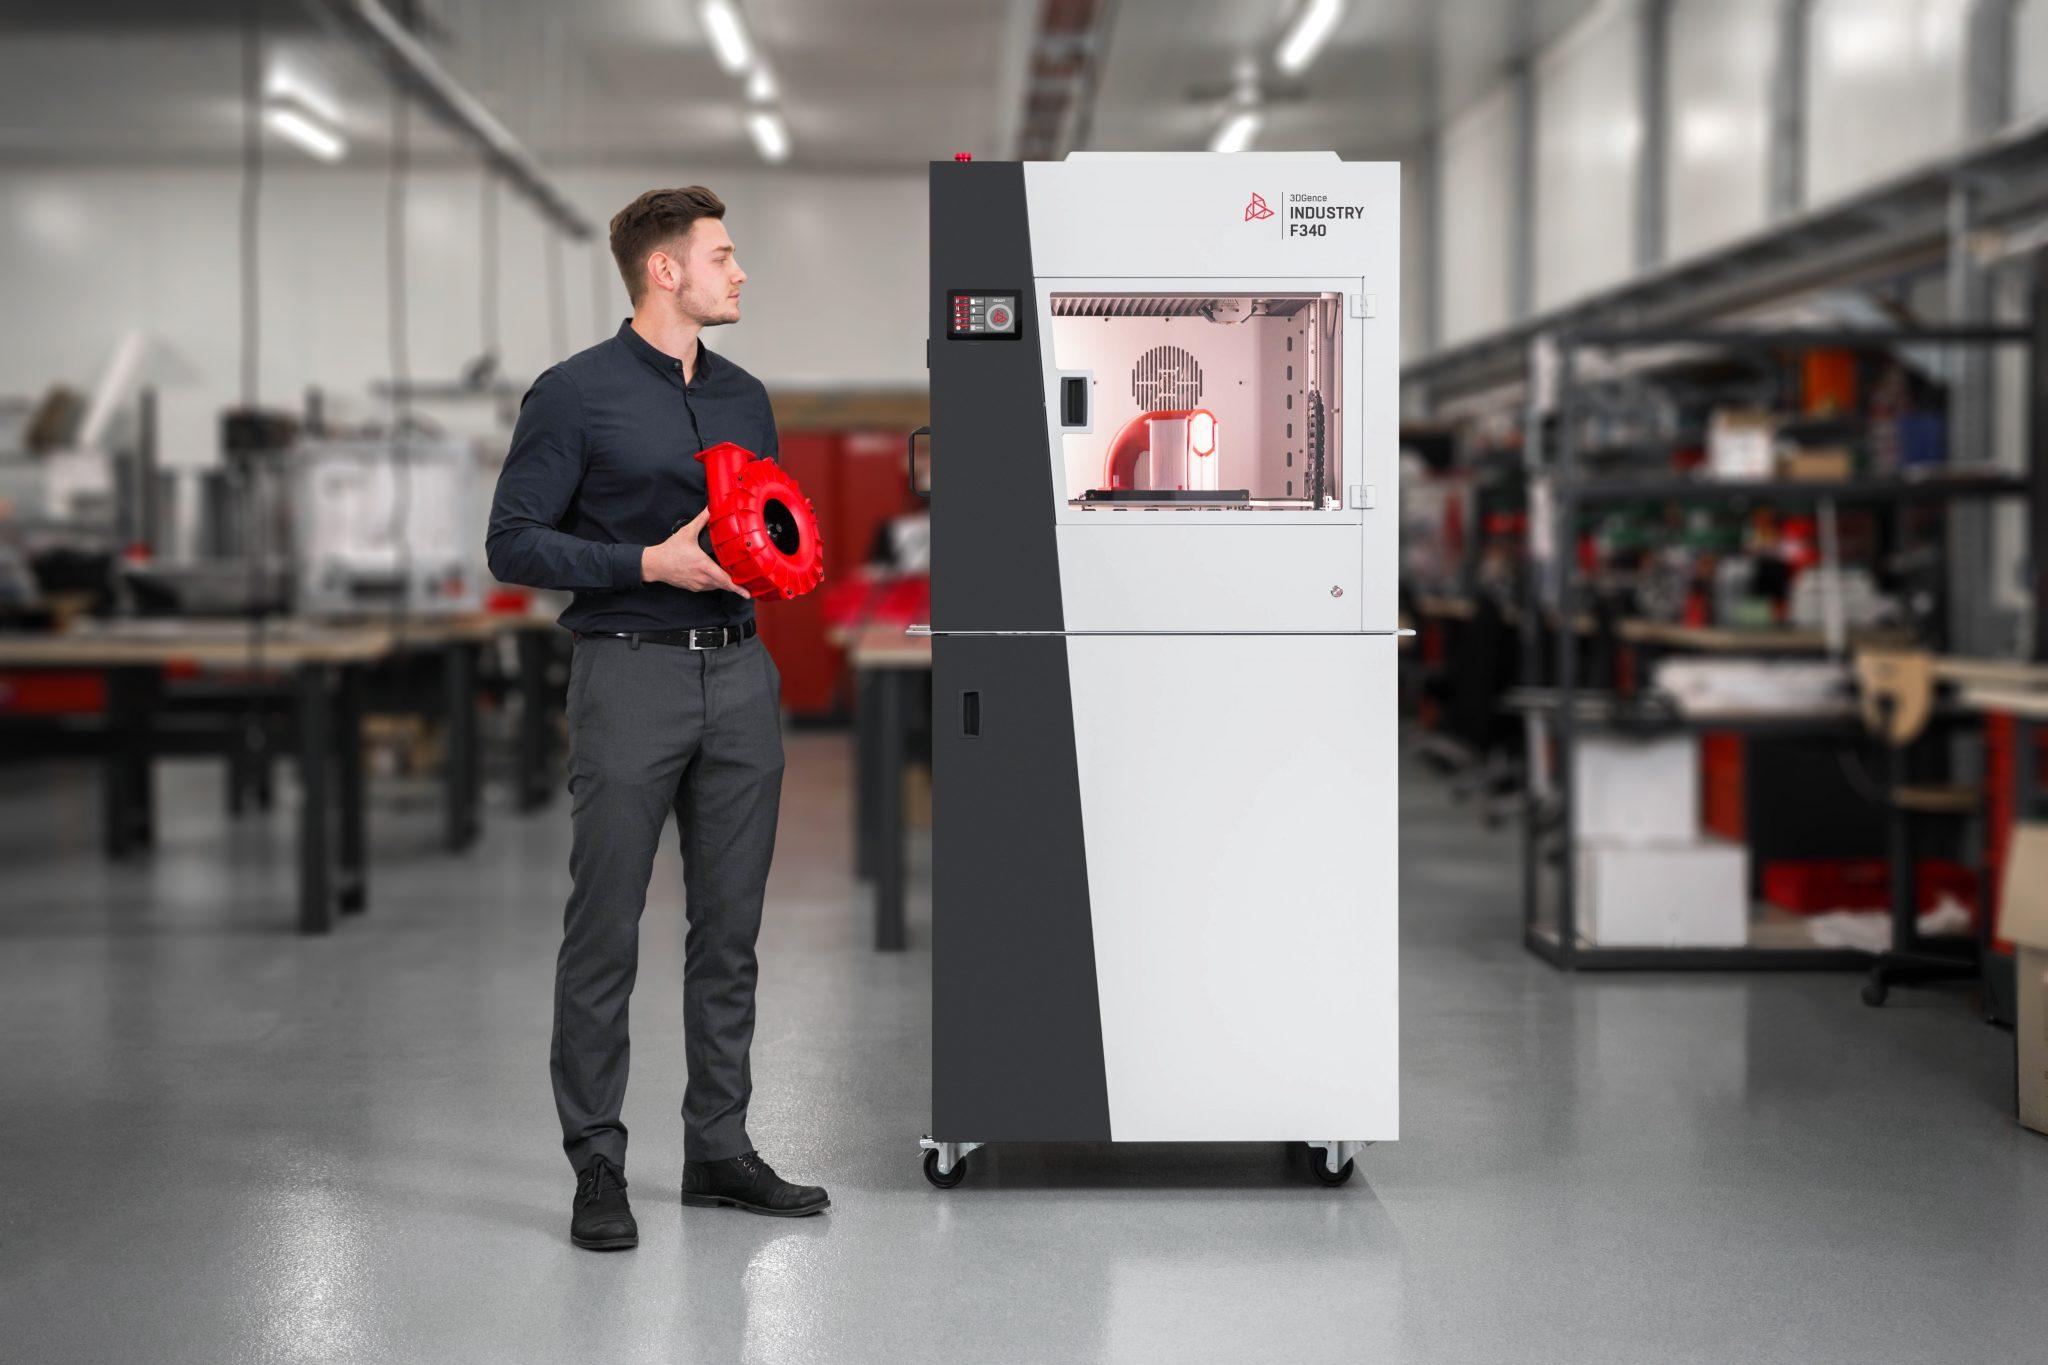 3dgence Industry F340 Pla To Peek 3d Printer 3d Printing Industry